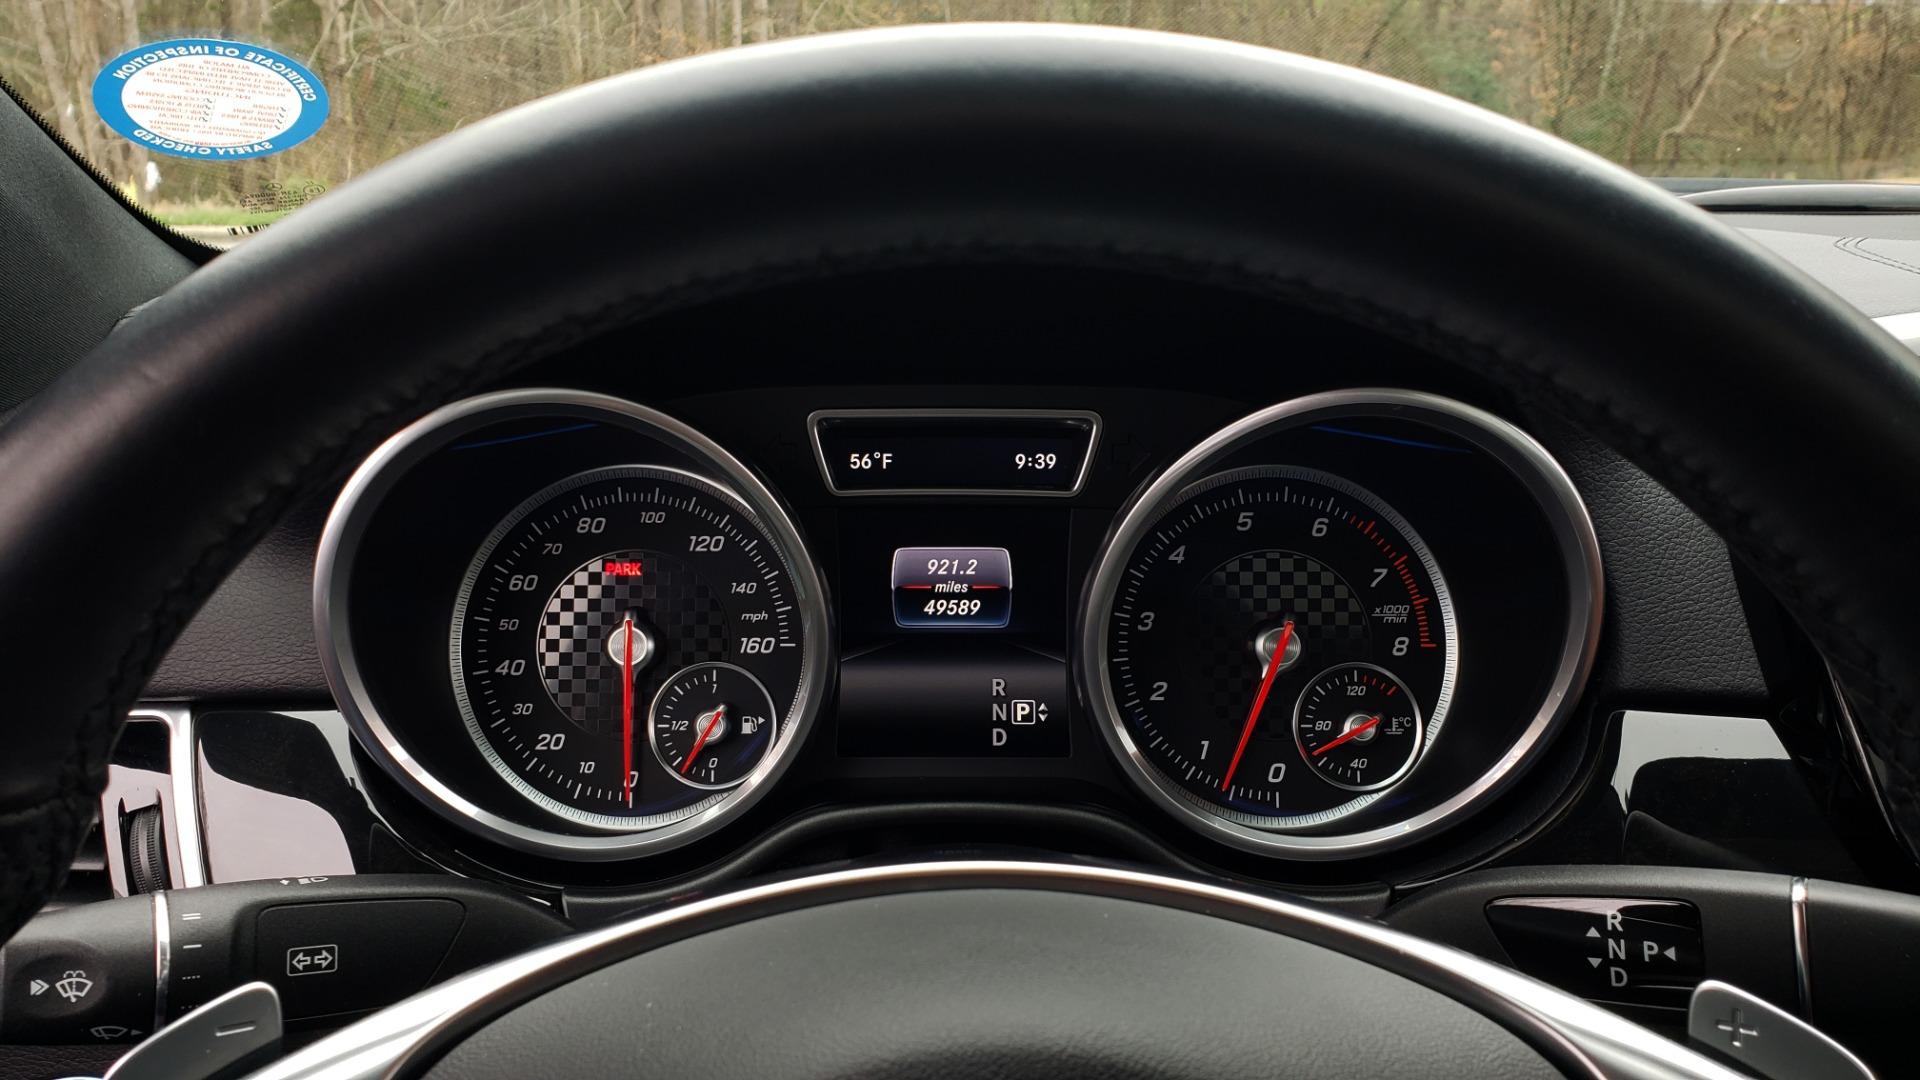 Used 2016 Mercedes-Benz GLE 450 AMG / AWD / PREM PKG / PARK ASST / DRVR ASST / SUNROOF for sale Sold at Formula Imports in Charlotte NC 28227 45